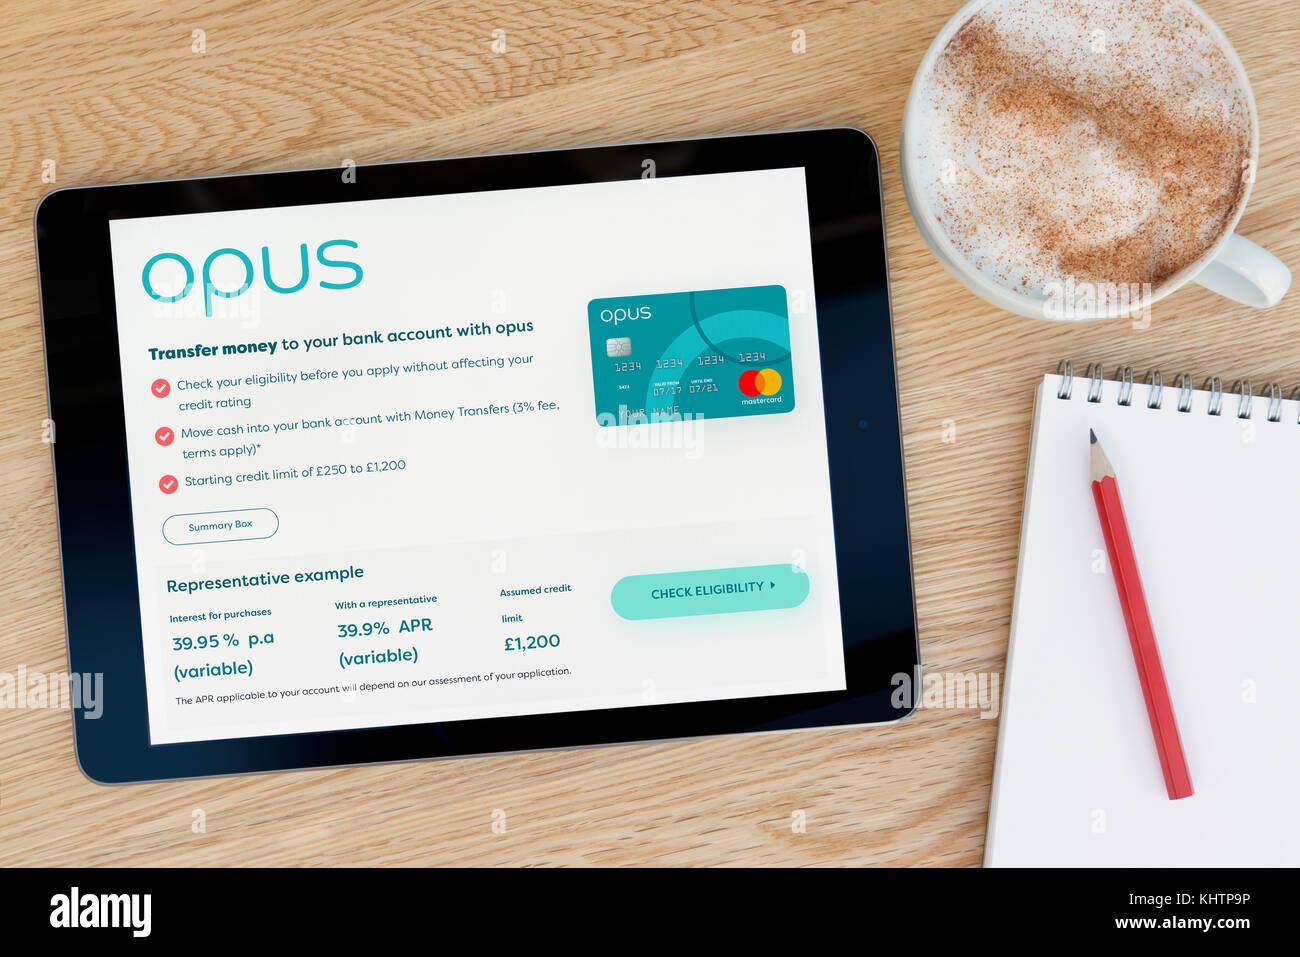 Die Opus Karte website Funktionen auf einem iPad Tablet Gerät, das auf einem Tisch liegt neben einem Notizblock Stockbild